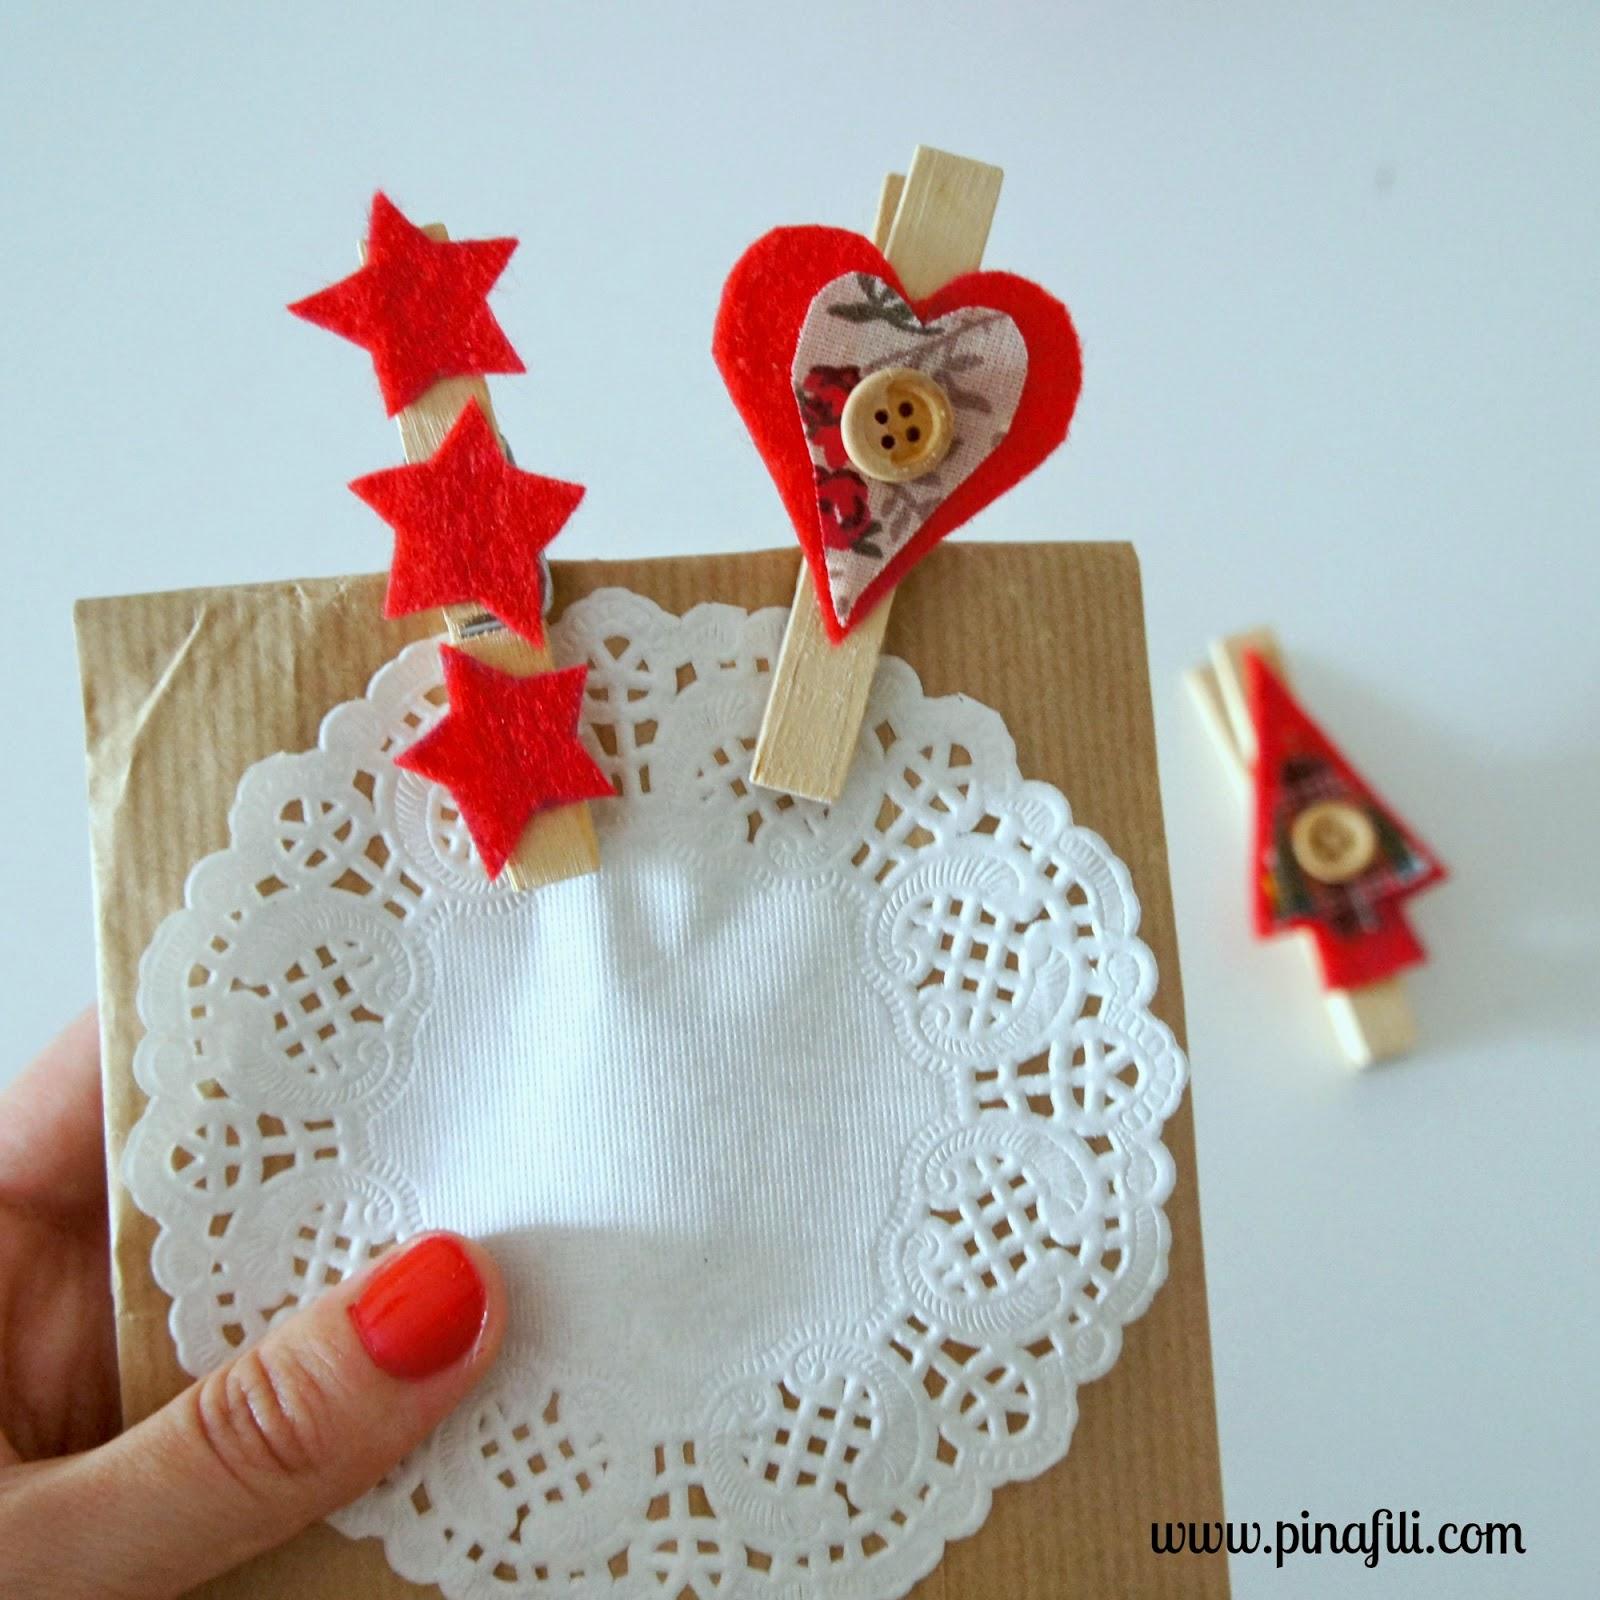 Ideas para decorar en navidad aprender manualidades es - Manualidades para decorar en navidad ...